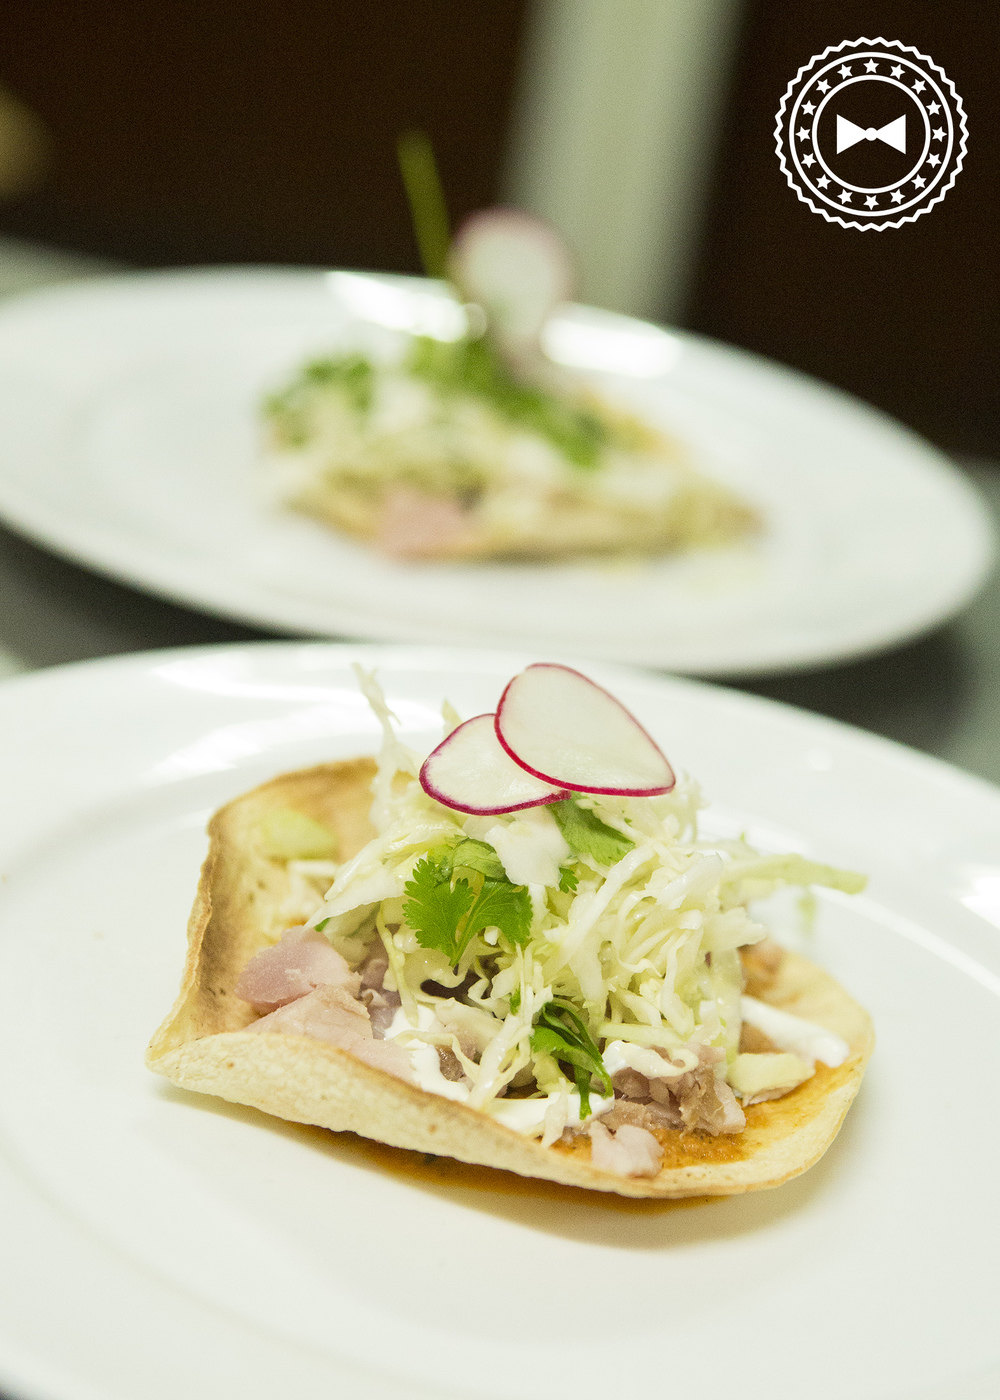 Tostada con romesco, atún sellado, salsa agria y repollo